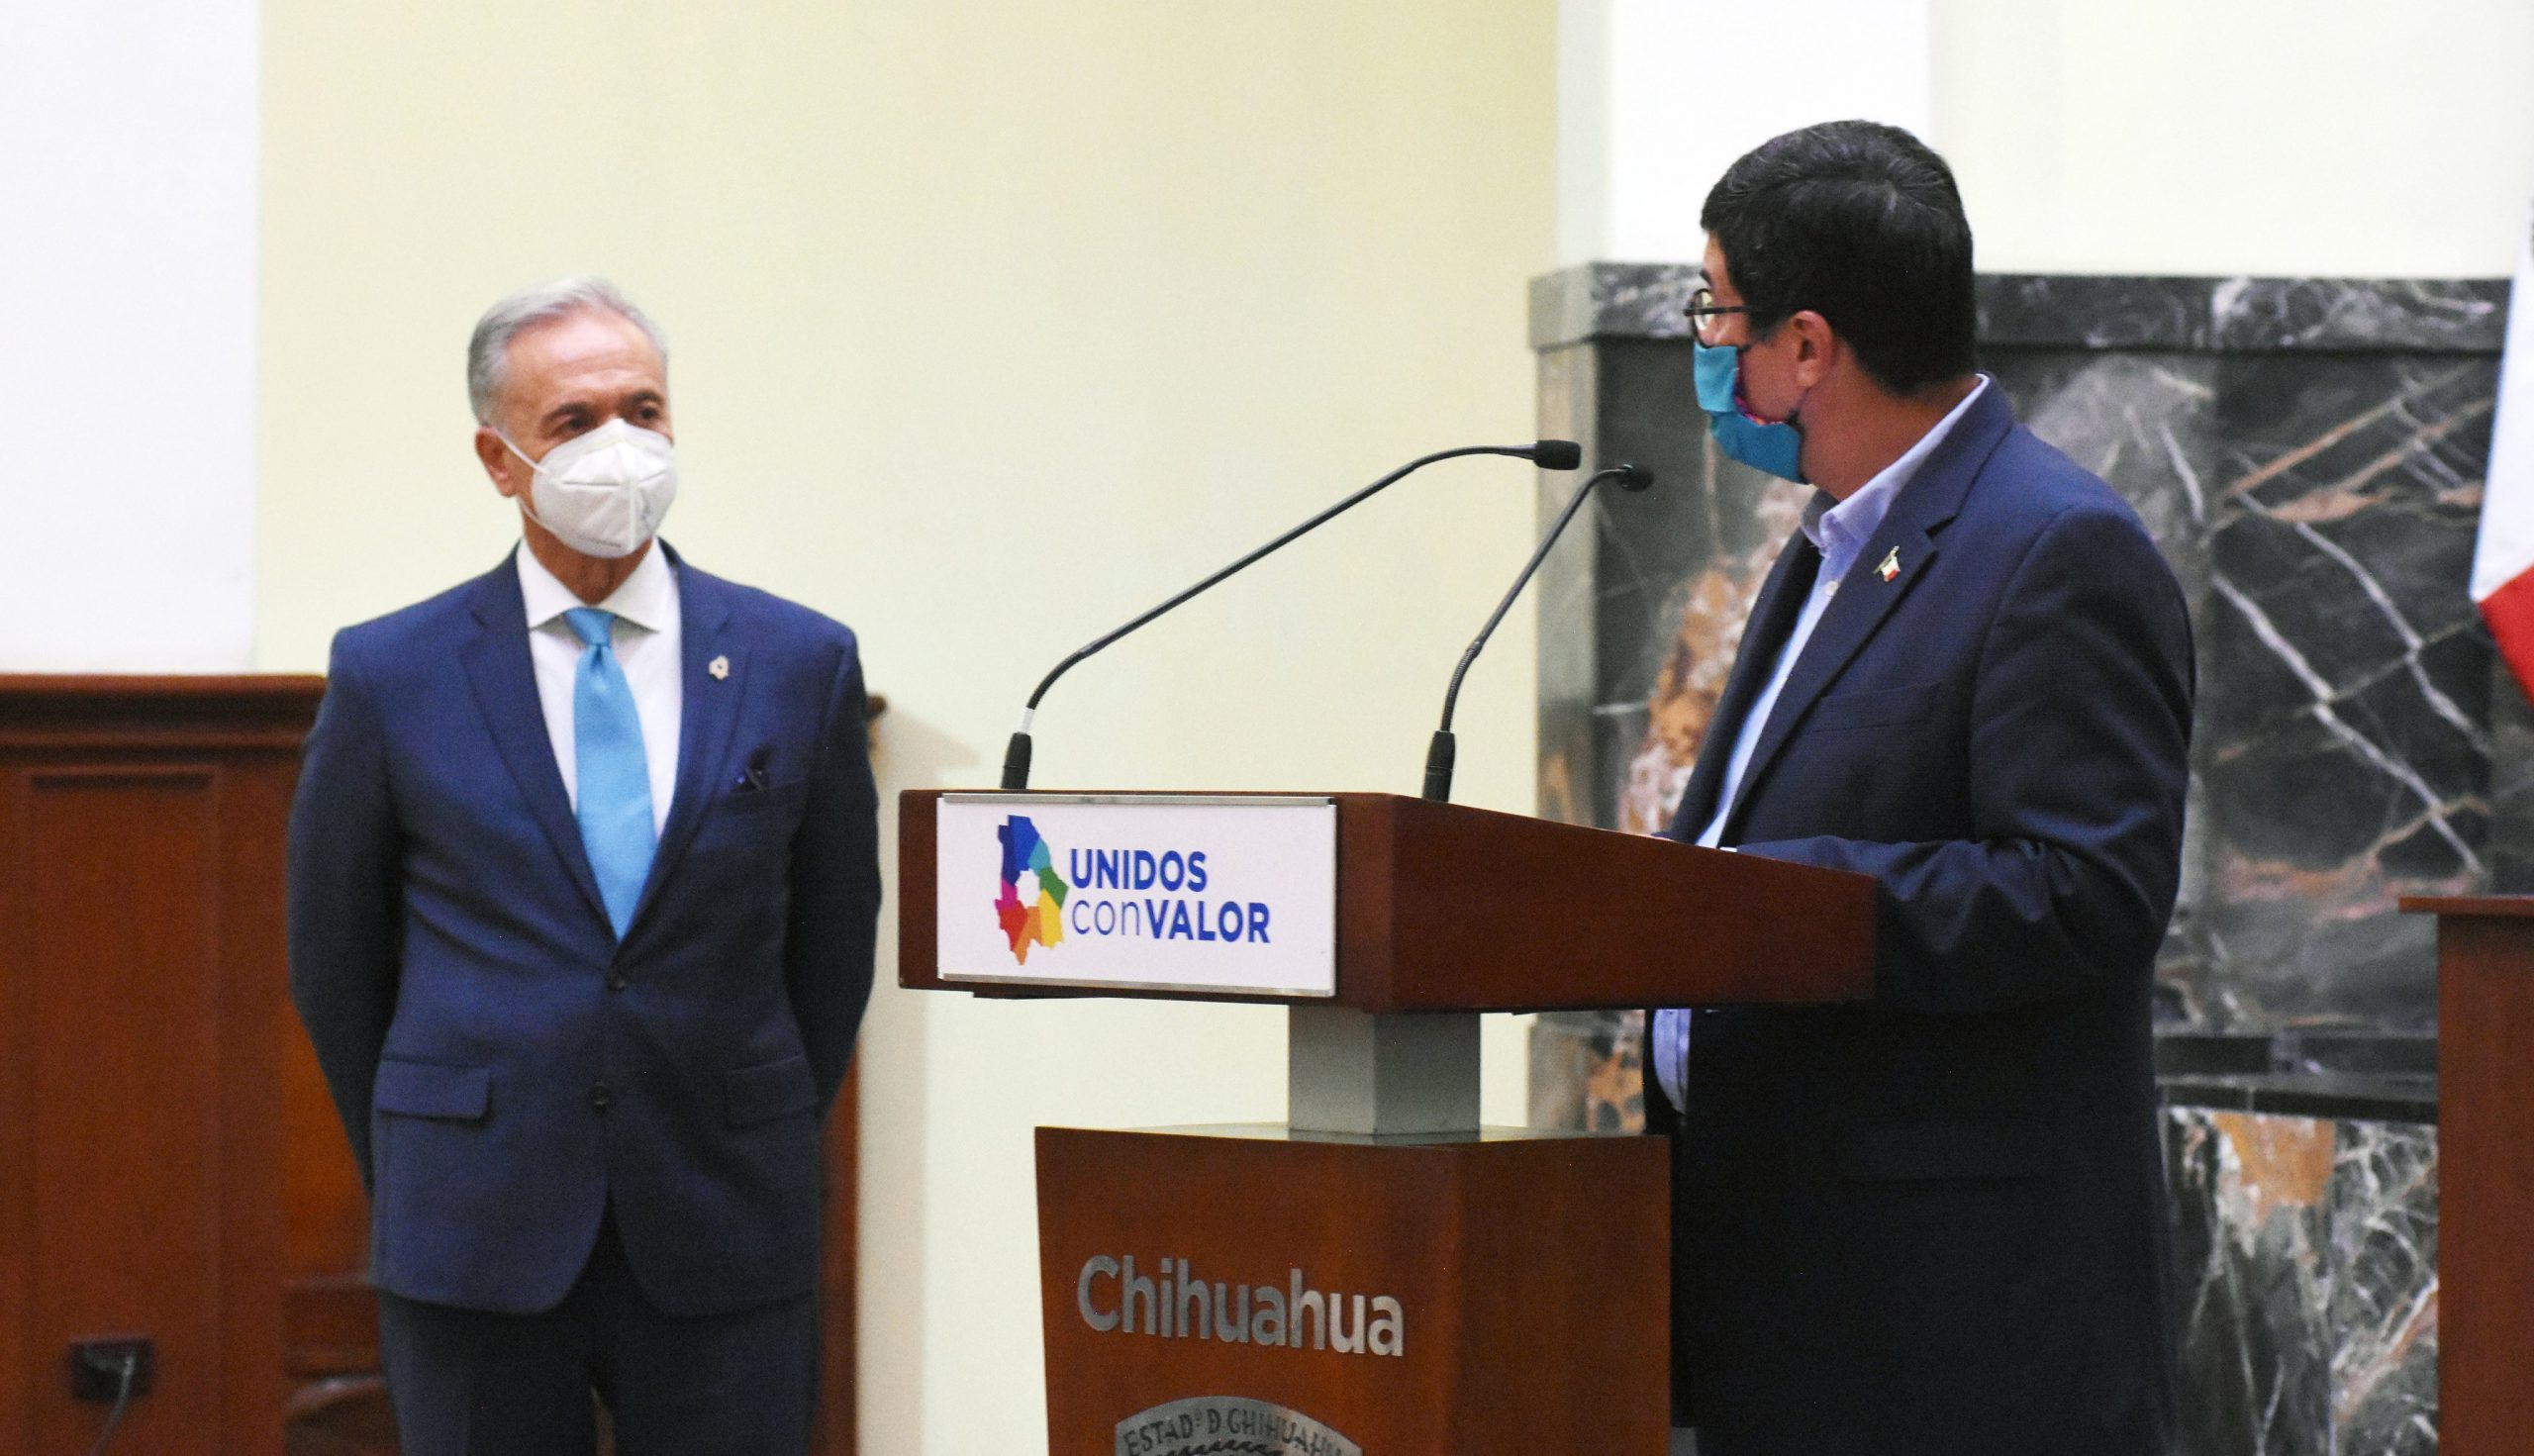 Exige Pérez Cuéllar a Corral nombrar a médico como titular de salud